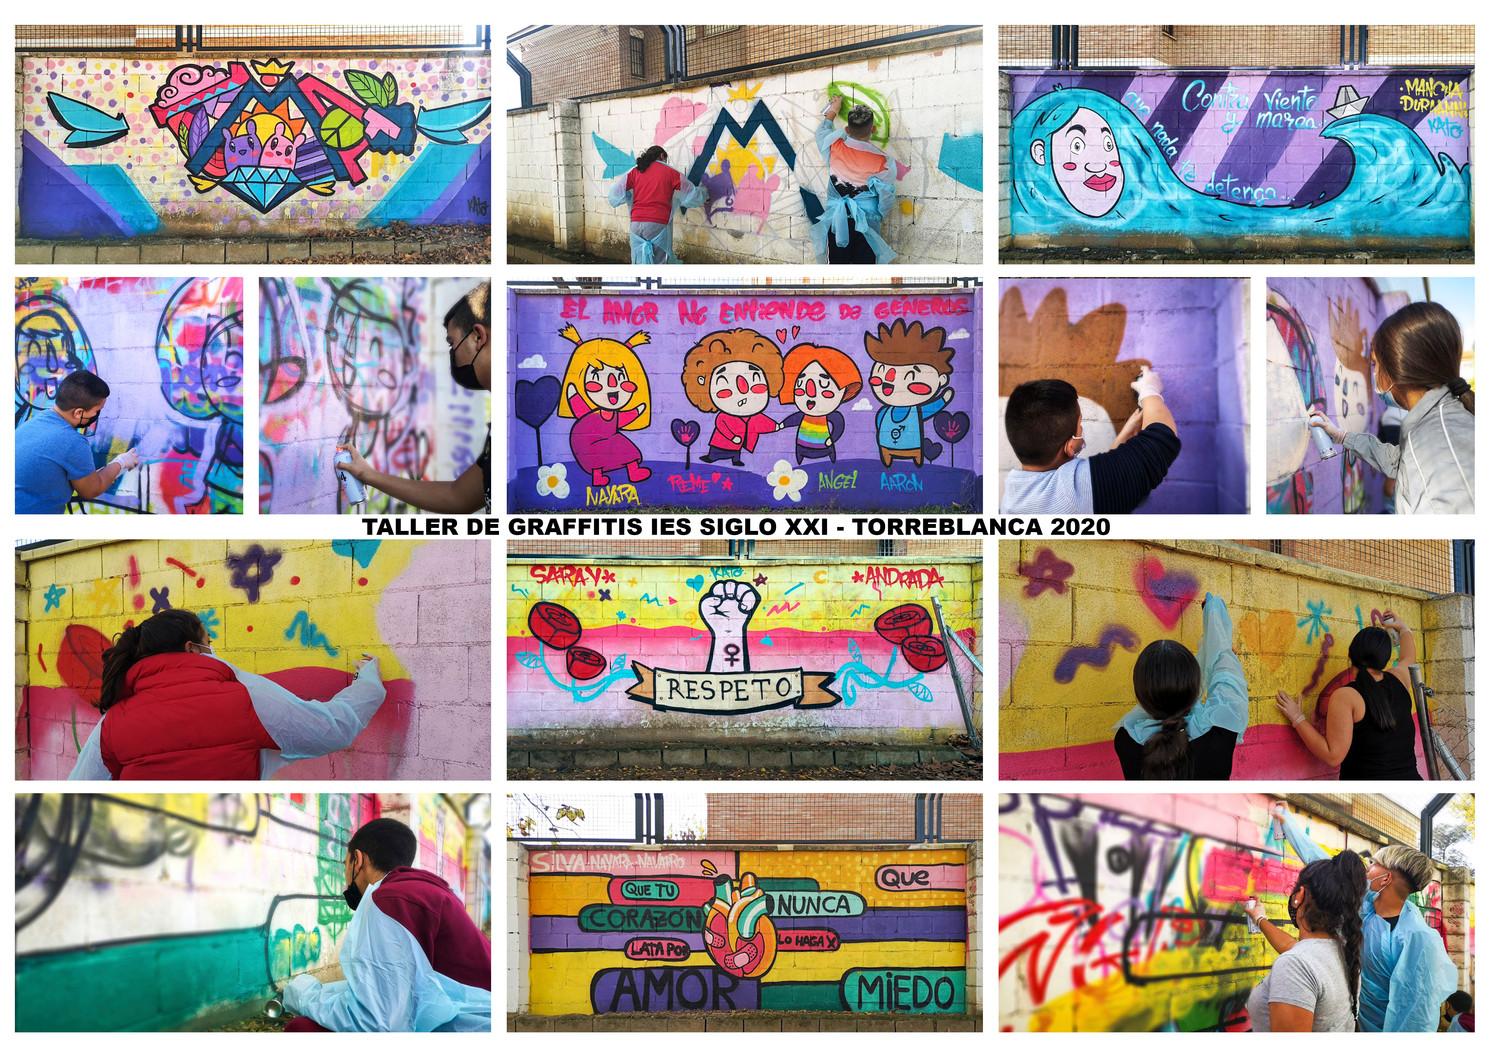 Taller de Graffitis IES Siglo XXI - 2020